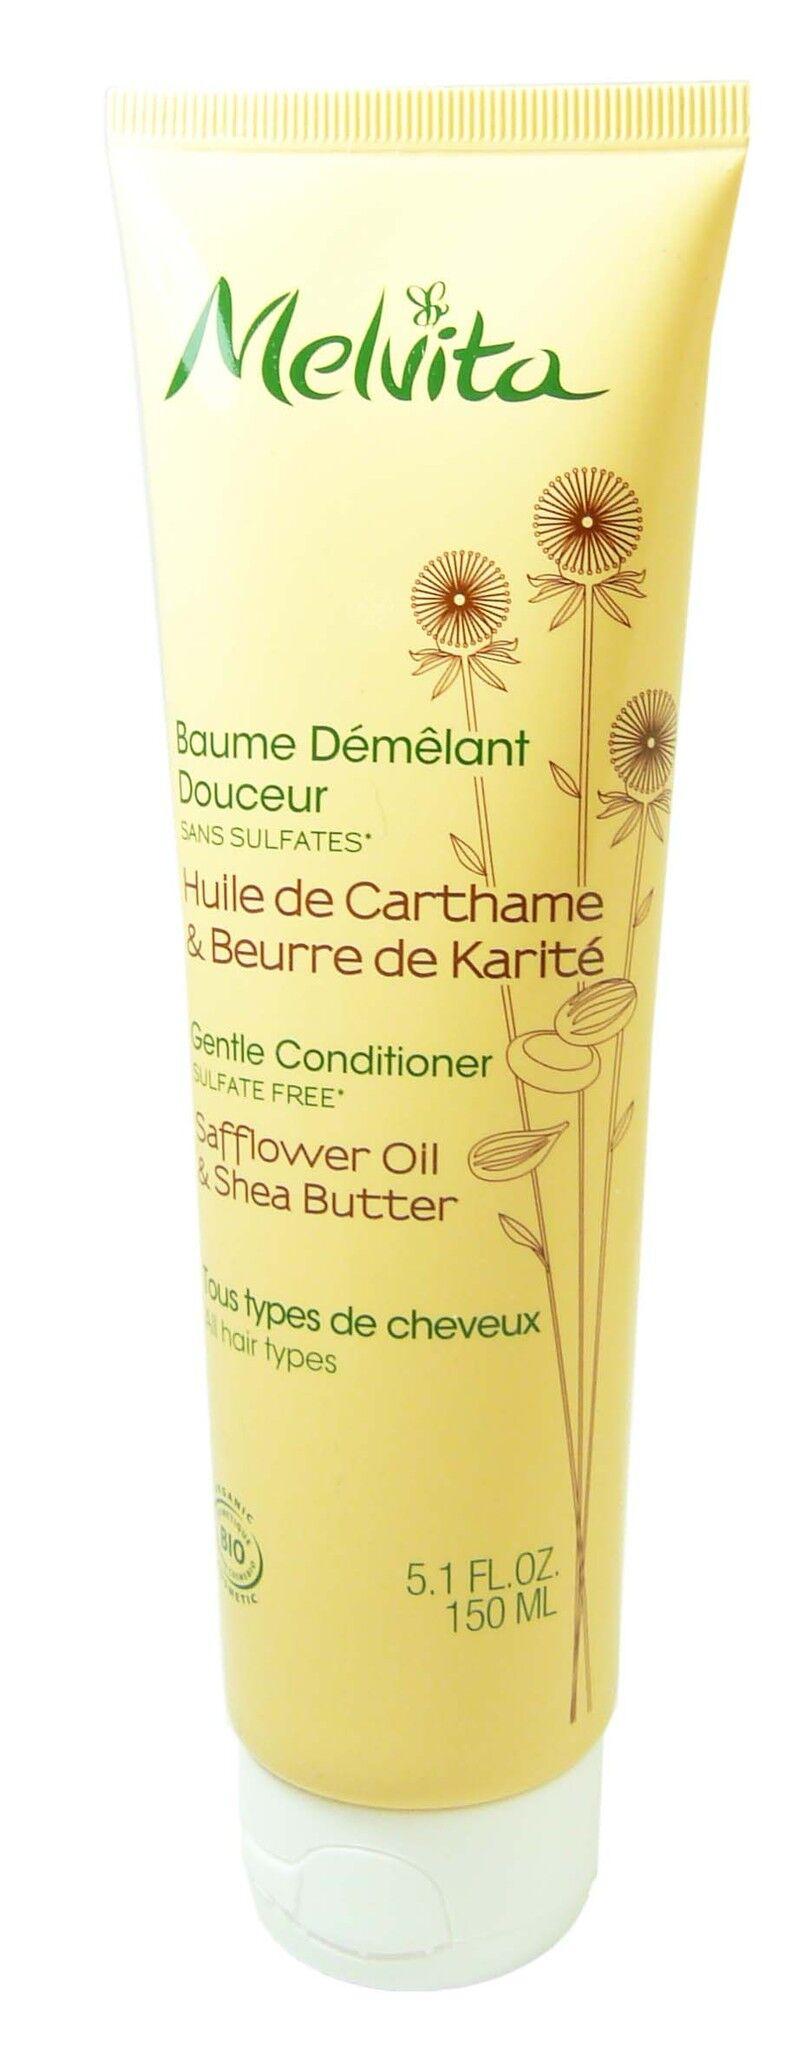 Melvita baume demelant huile de karite 150ml